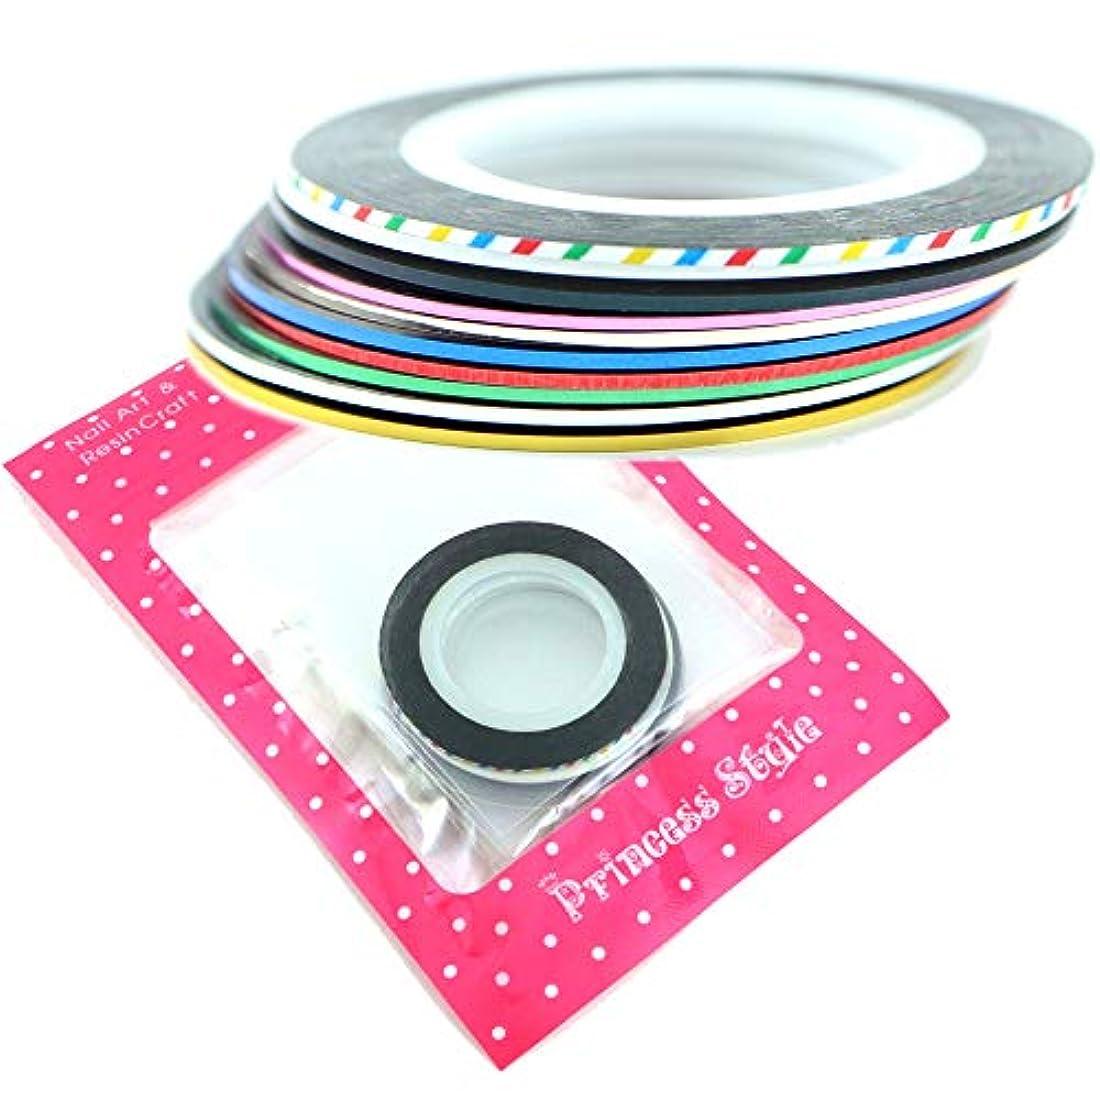 おっとねばねば帽子ネイル ラインテープ ネイルシール ジェルネイル ネイルアート用 1mm幅×20m巻 (新10色セット)